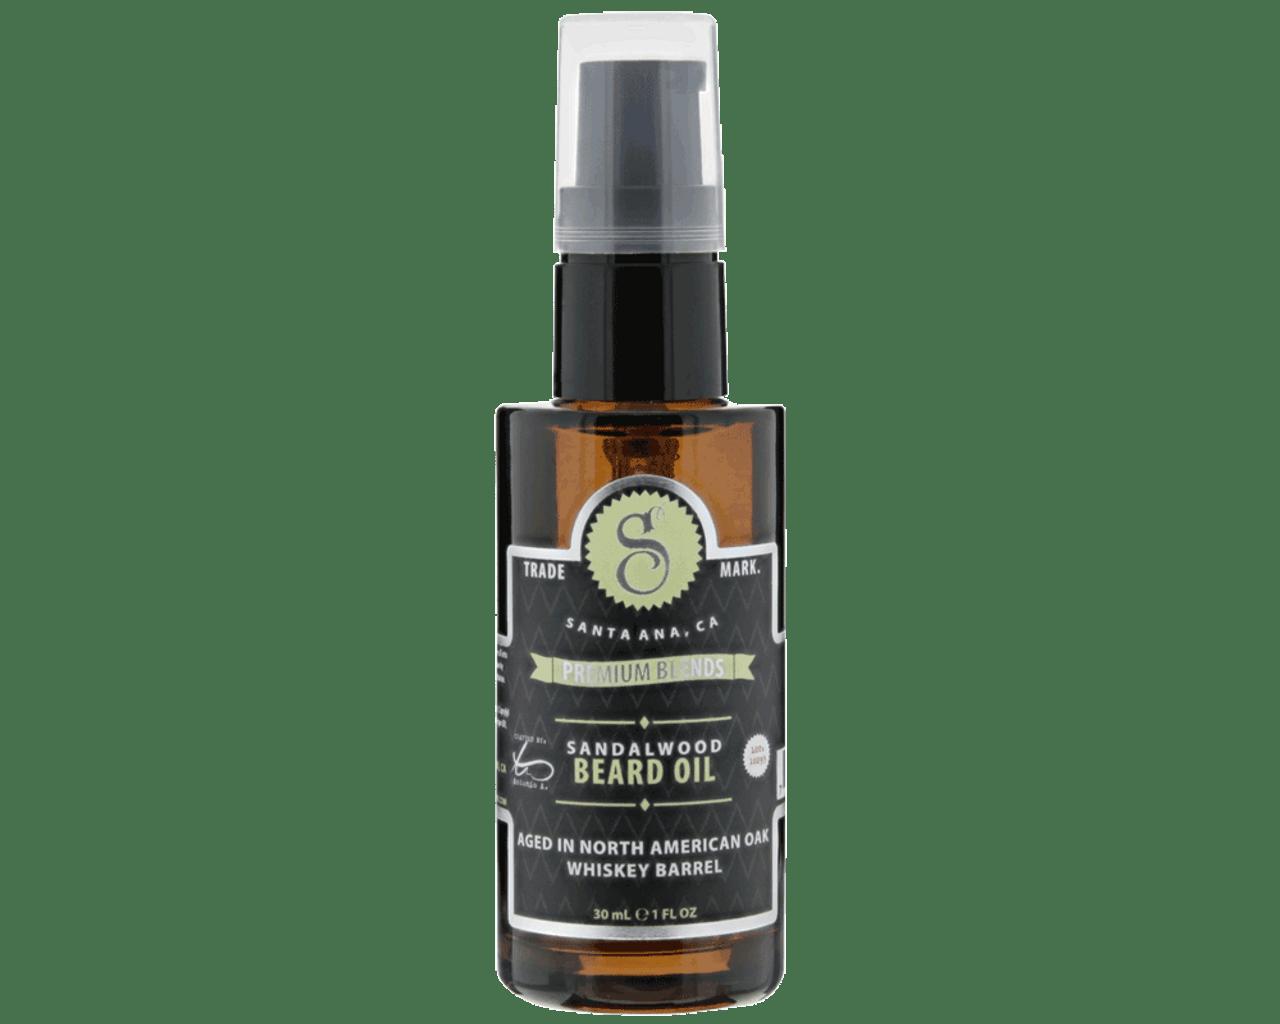 Suavecito Premium Beard Oil